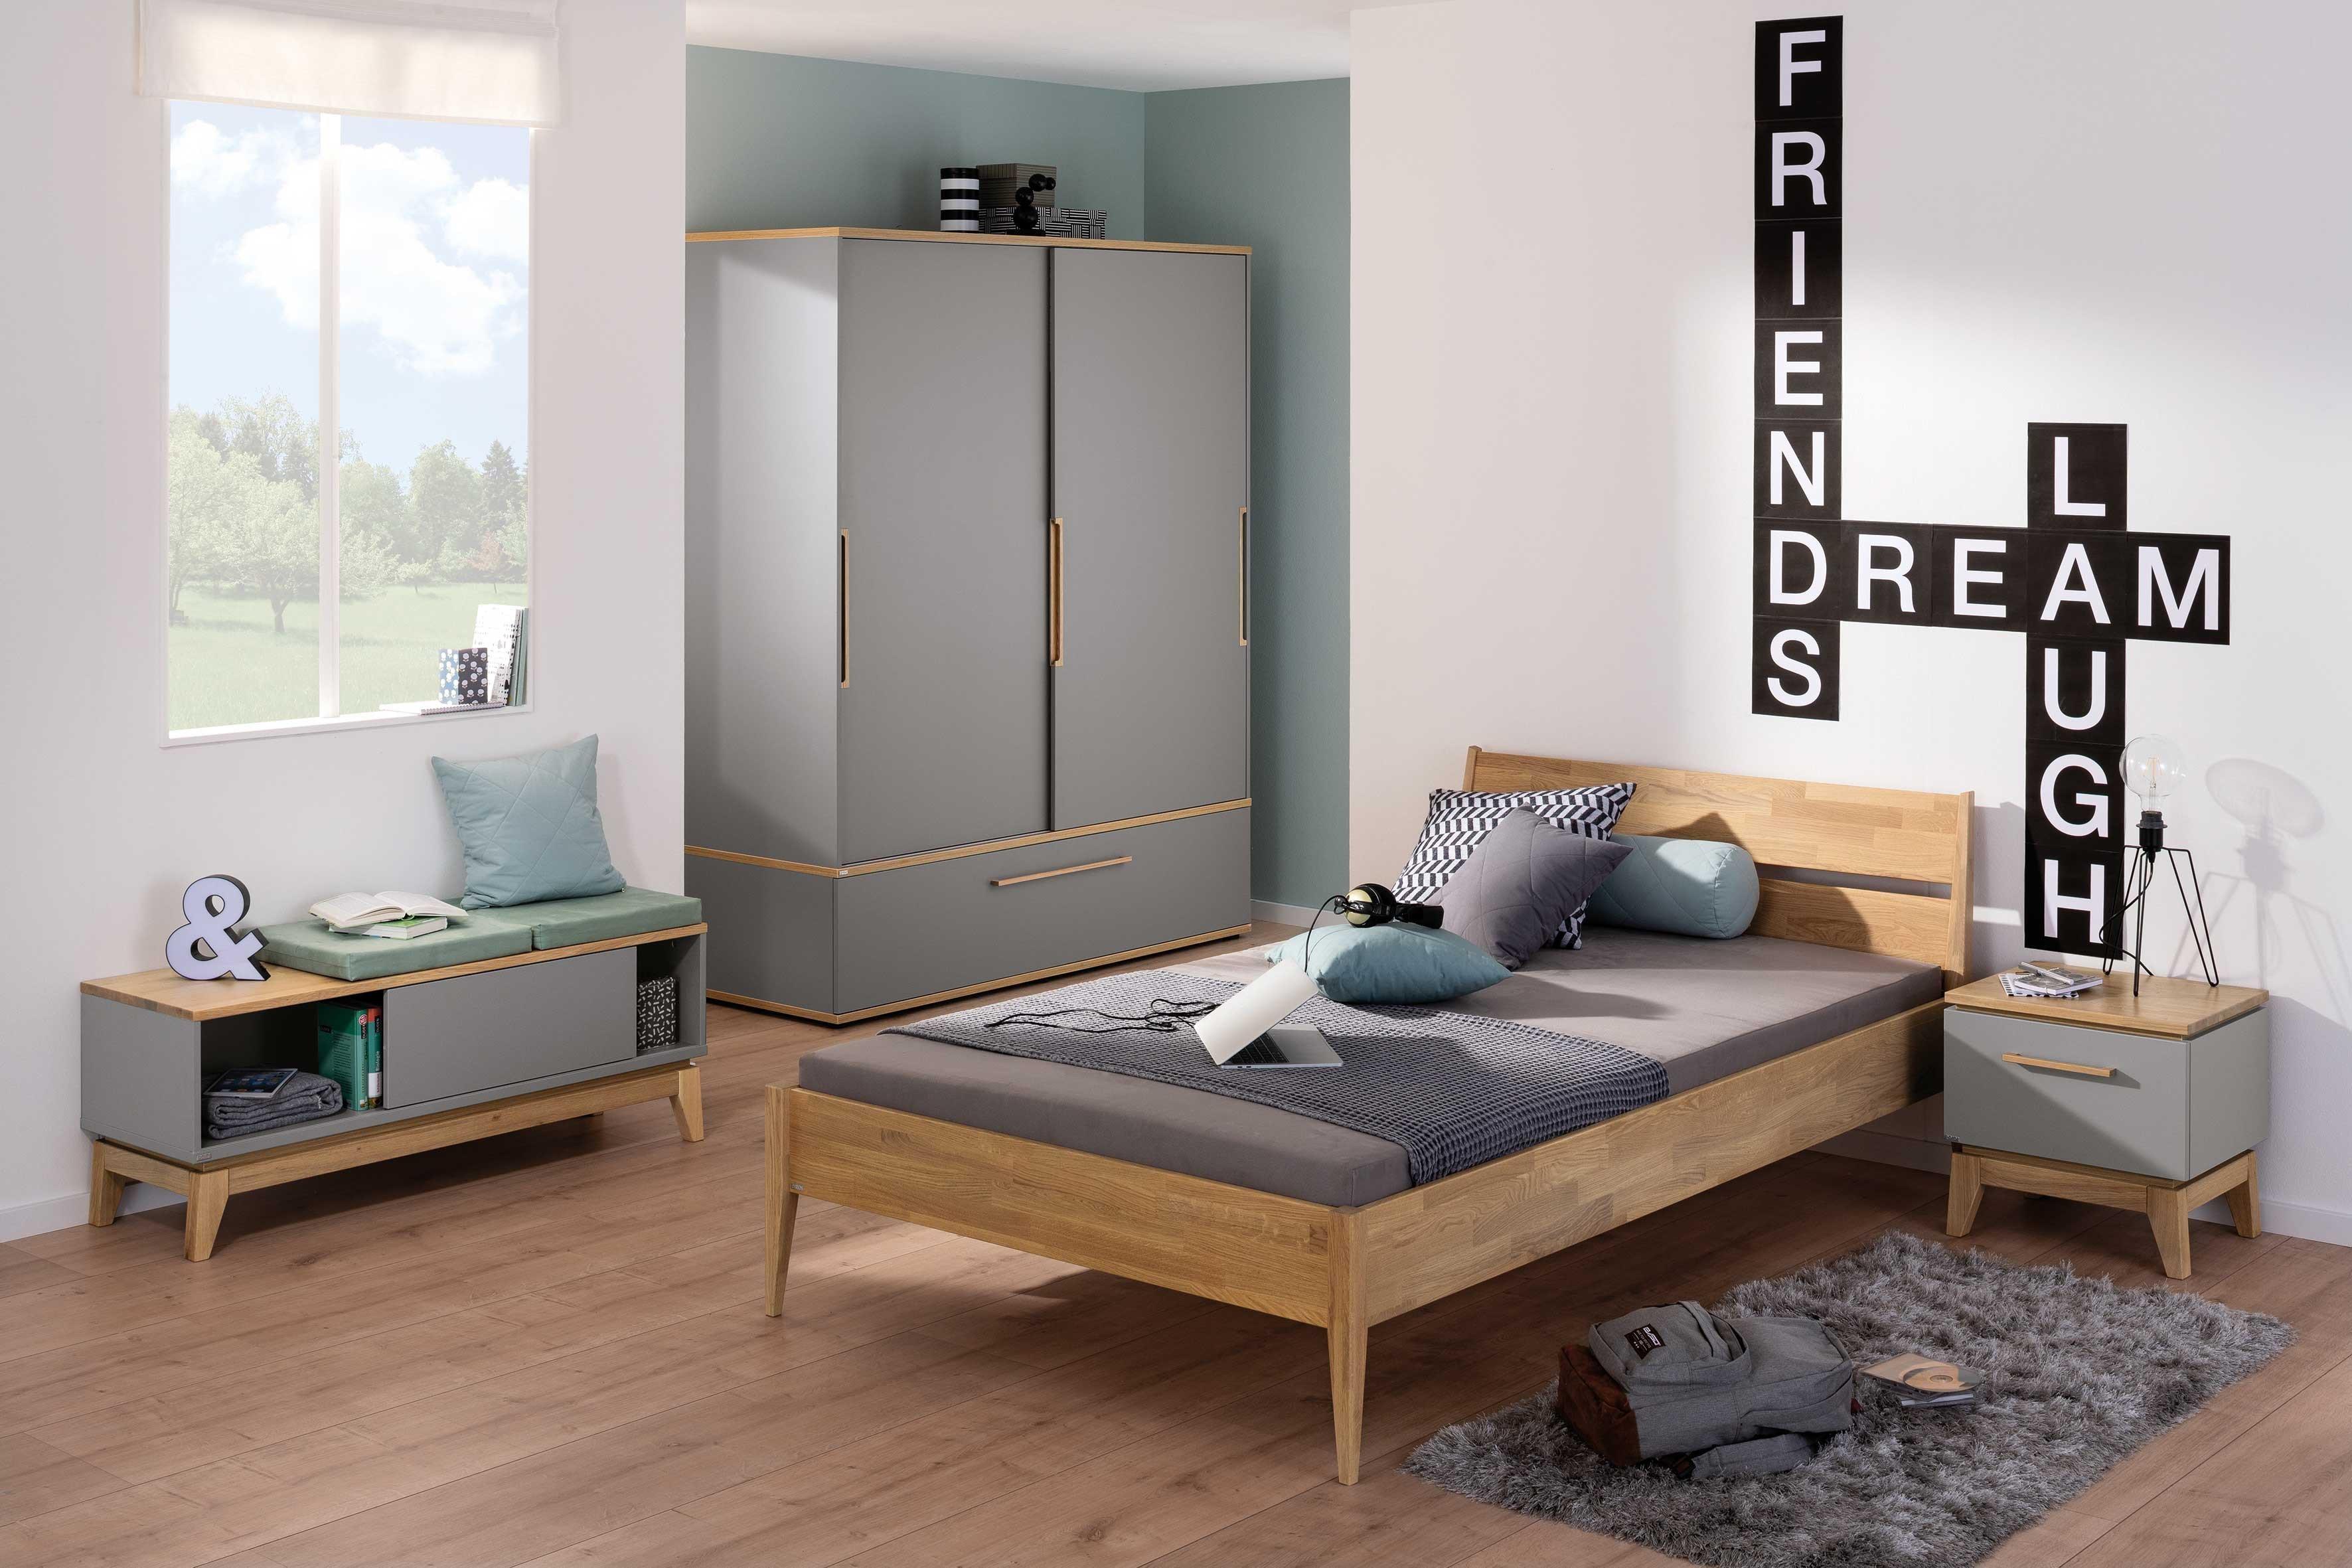 Paidi Sten Jugendzimmer Schrank Und Bett 90x200 Cm Mobel Letz